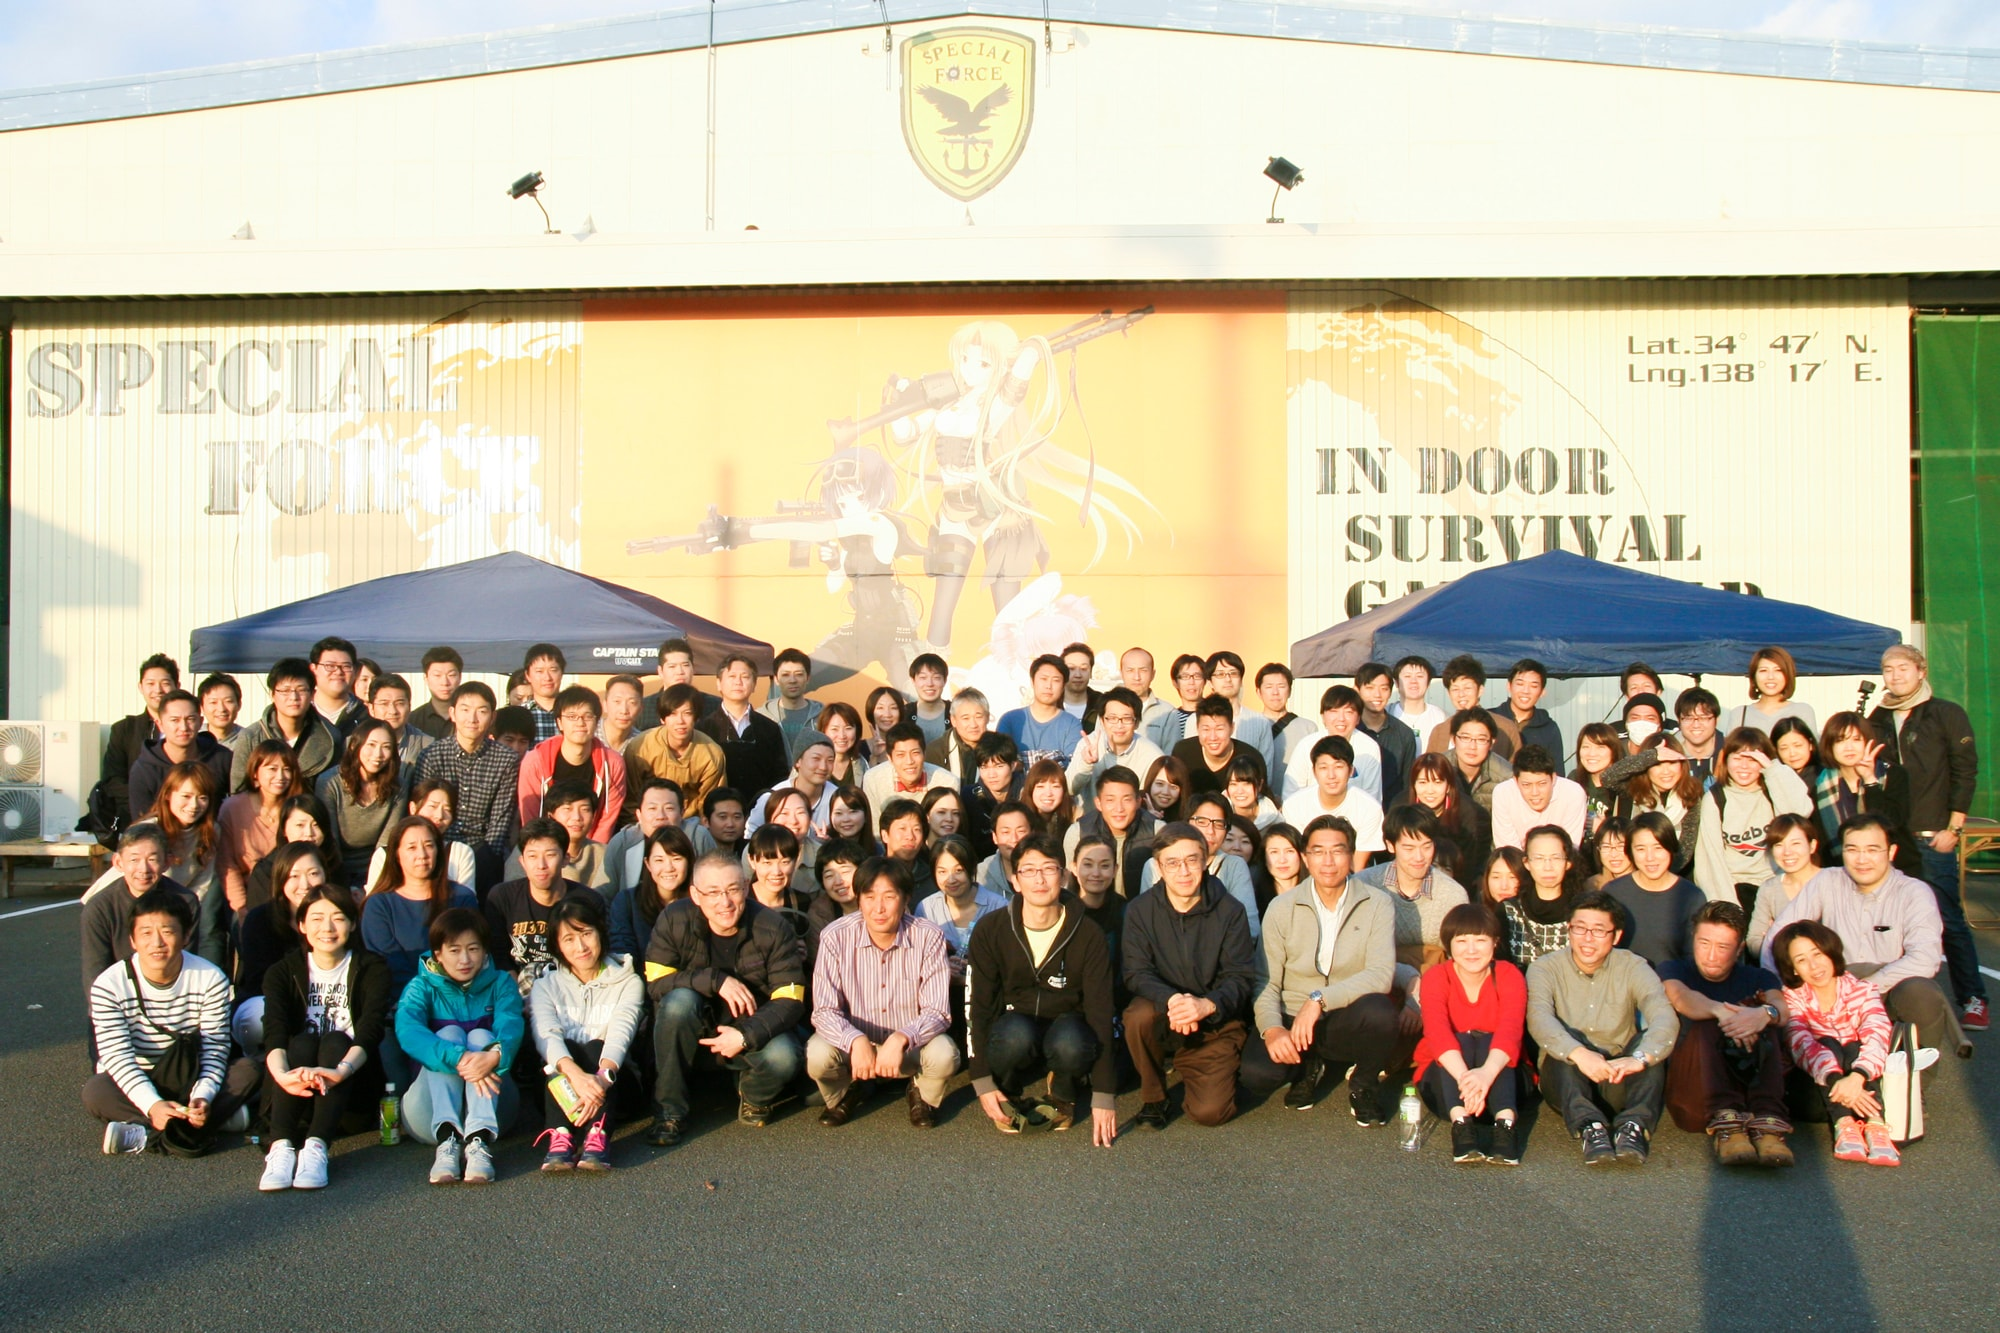 2017年の社員旅行での集合写真。静岡にあるサバイバルゲームインドアフィールド スペシャルフォースでの一枚。社員旅行は毎年委員会が結成され、旅先の選定やアクティビティをメンバーが企画します。